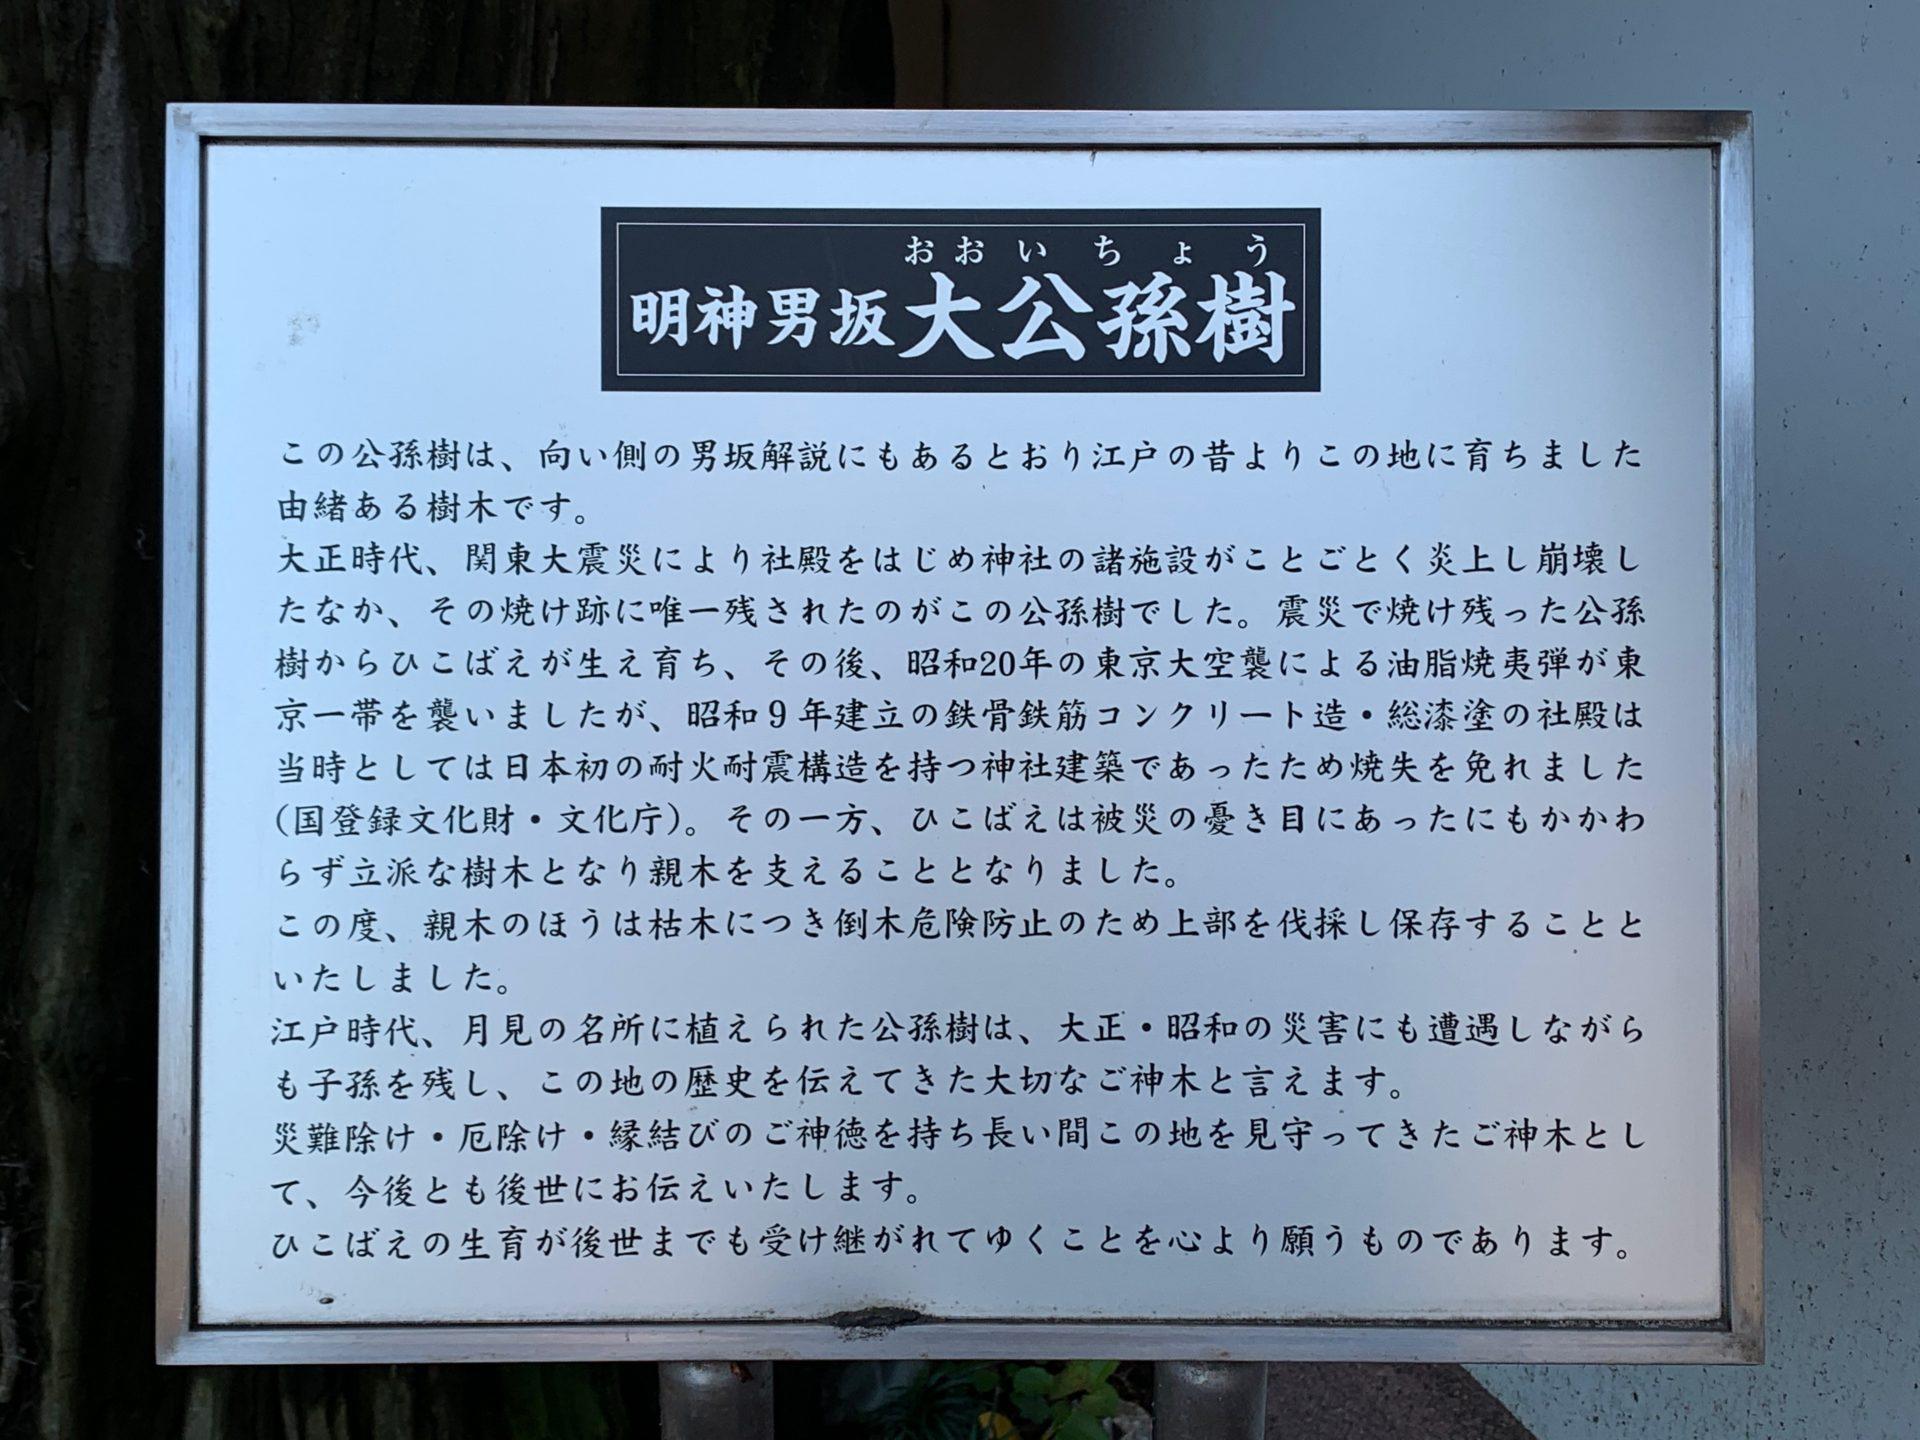 明神男坂大公孫樹の案内